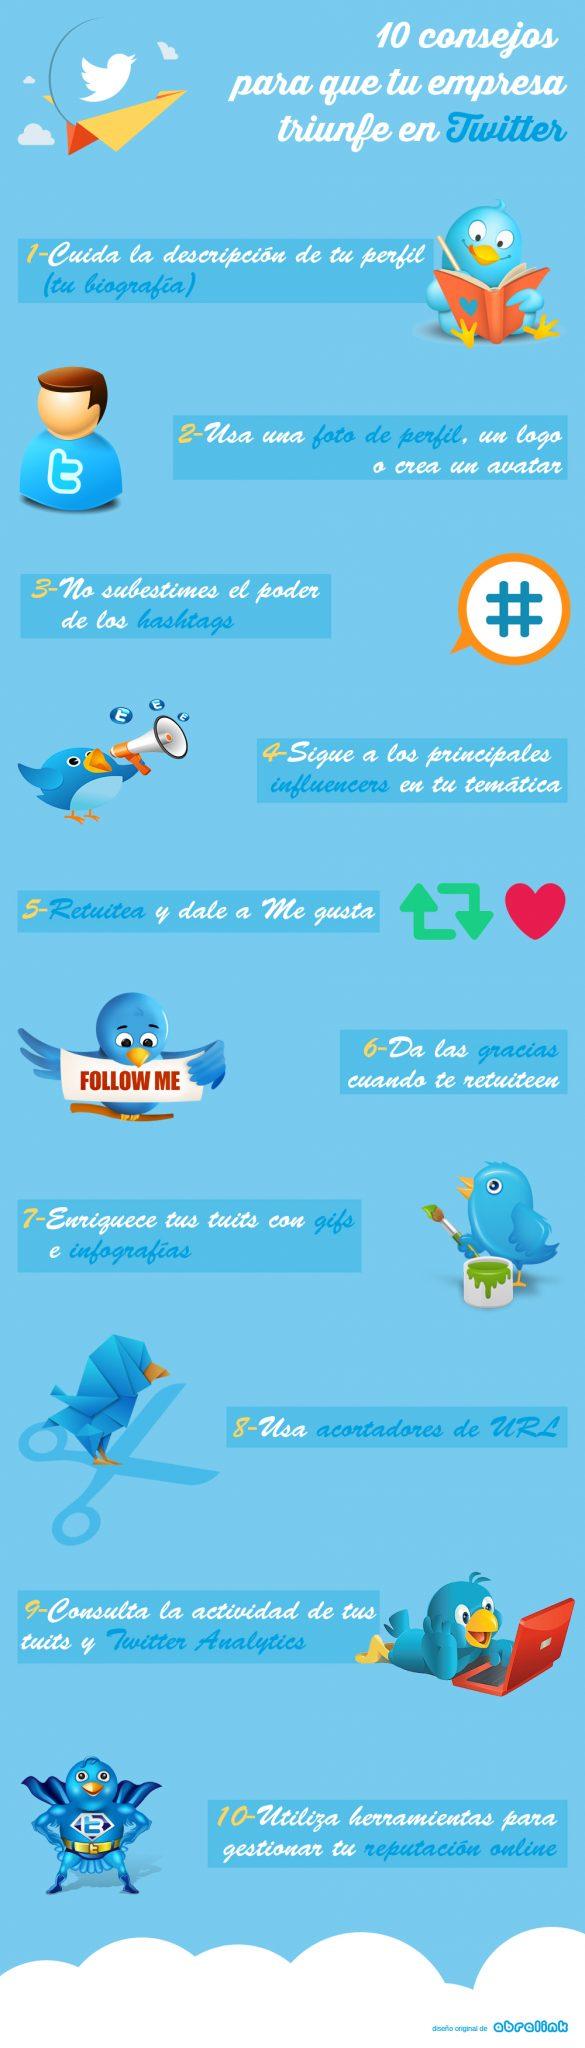 10 consejos para que tu empresa triunfe en Twitter